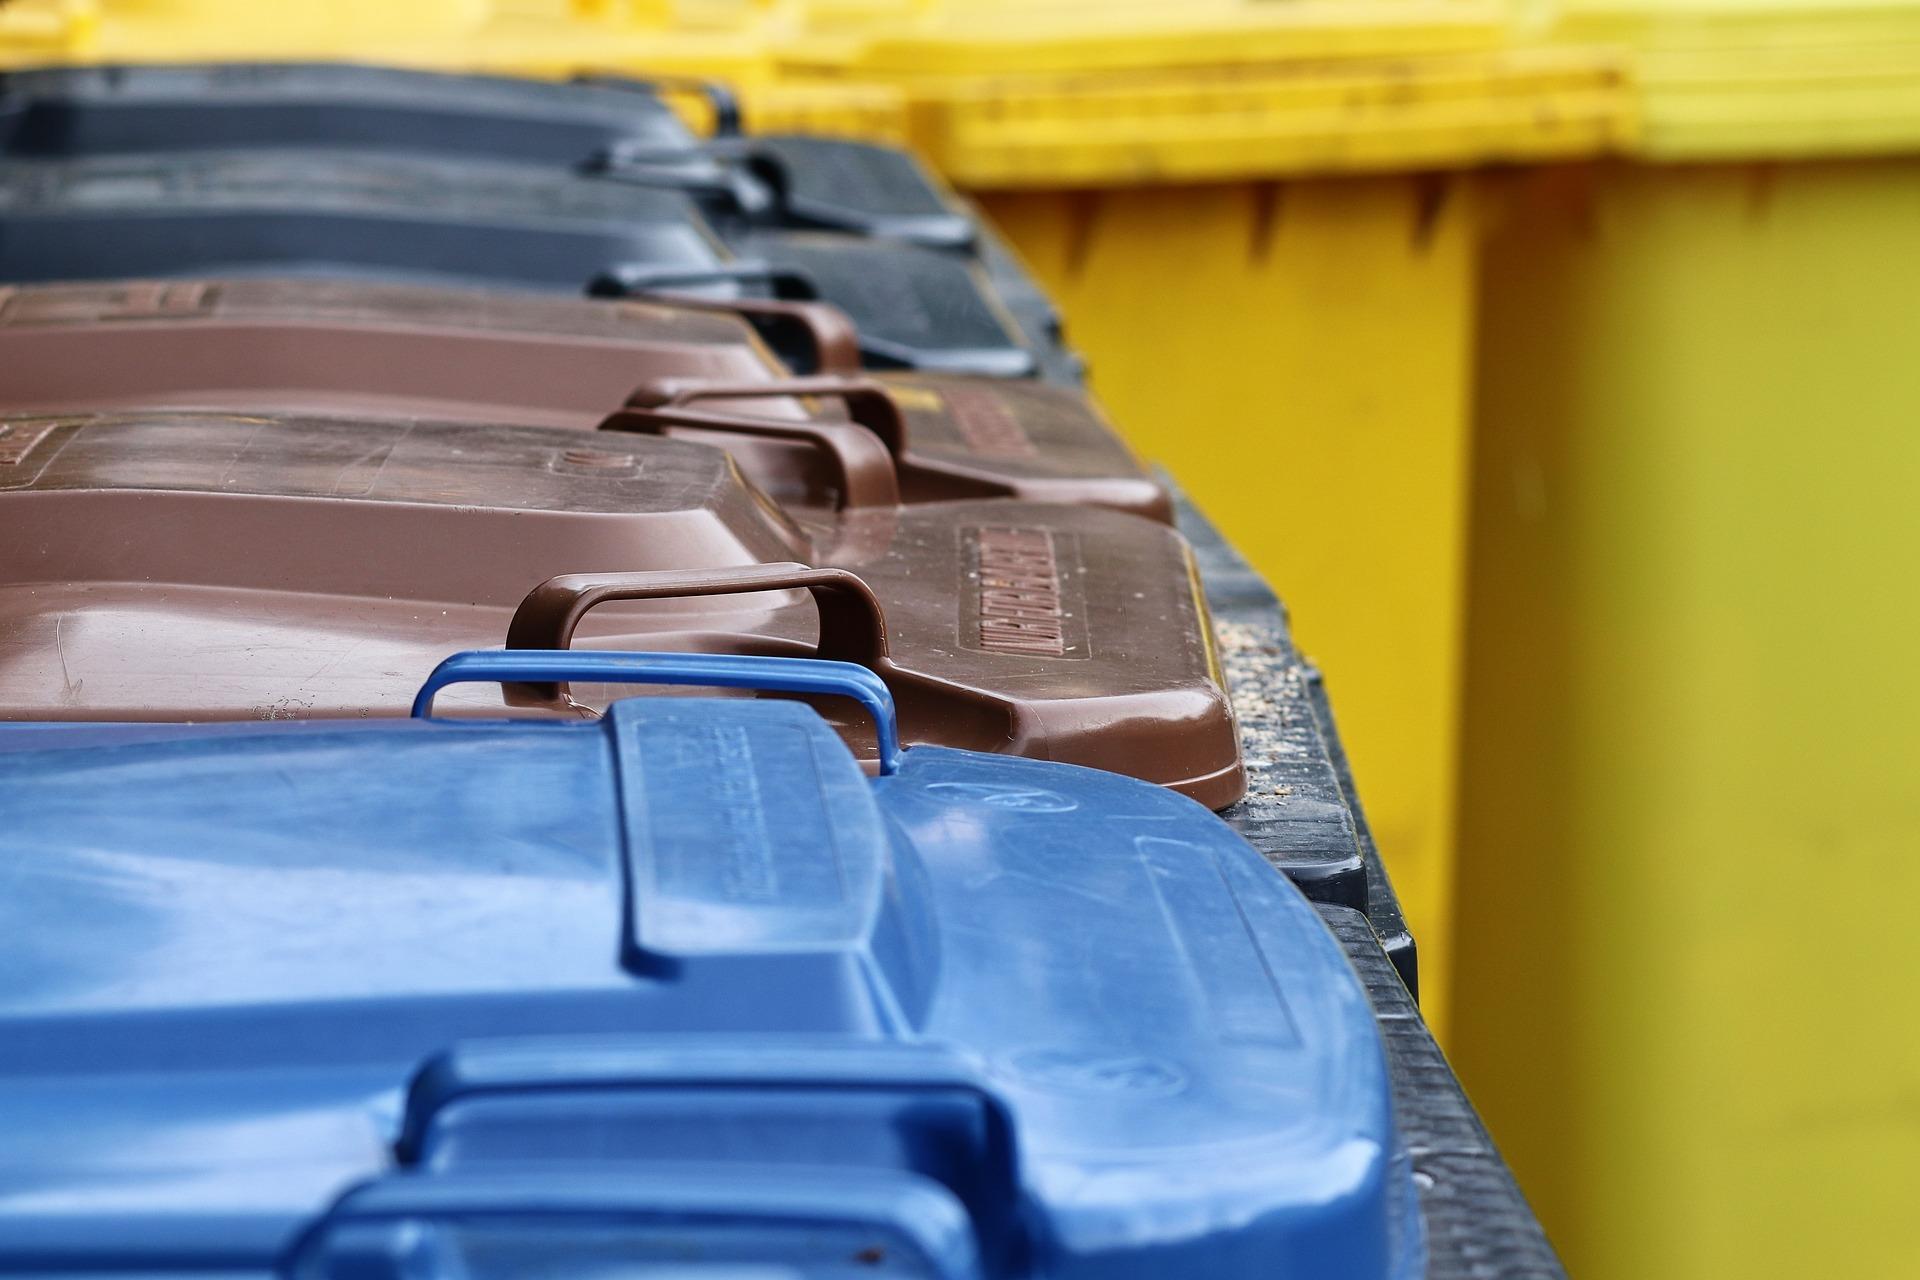 Bild Mülltonnen, Quelle: Bild von Manfred Richter auf Pixabay